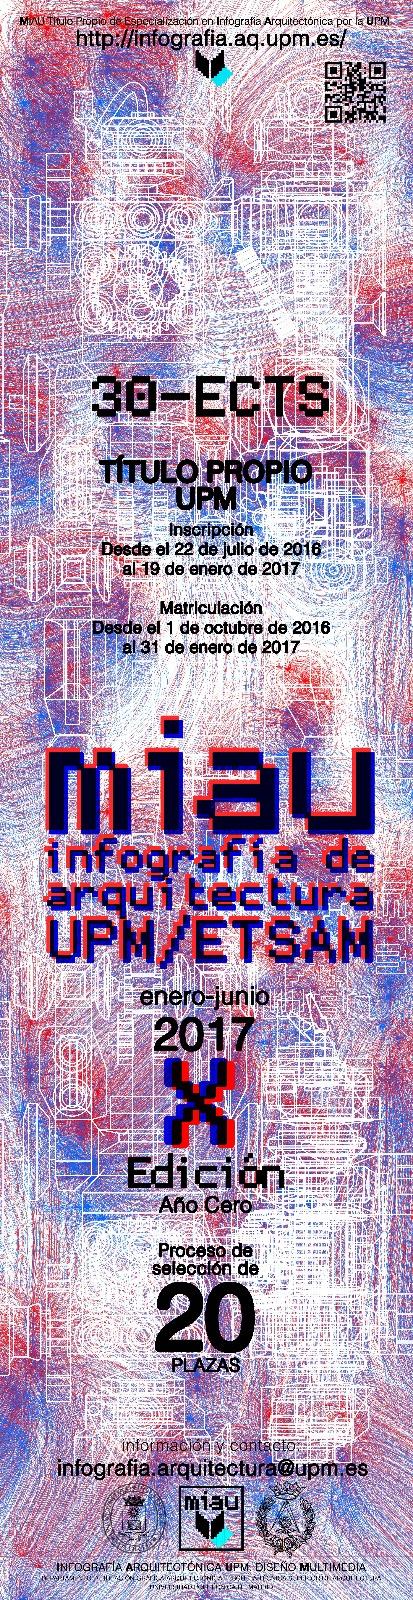 img-20161022-wa0001